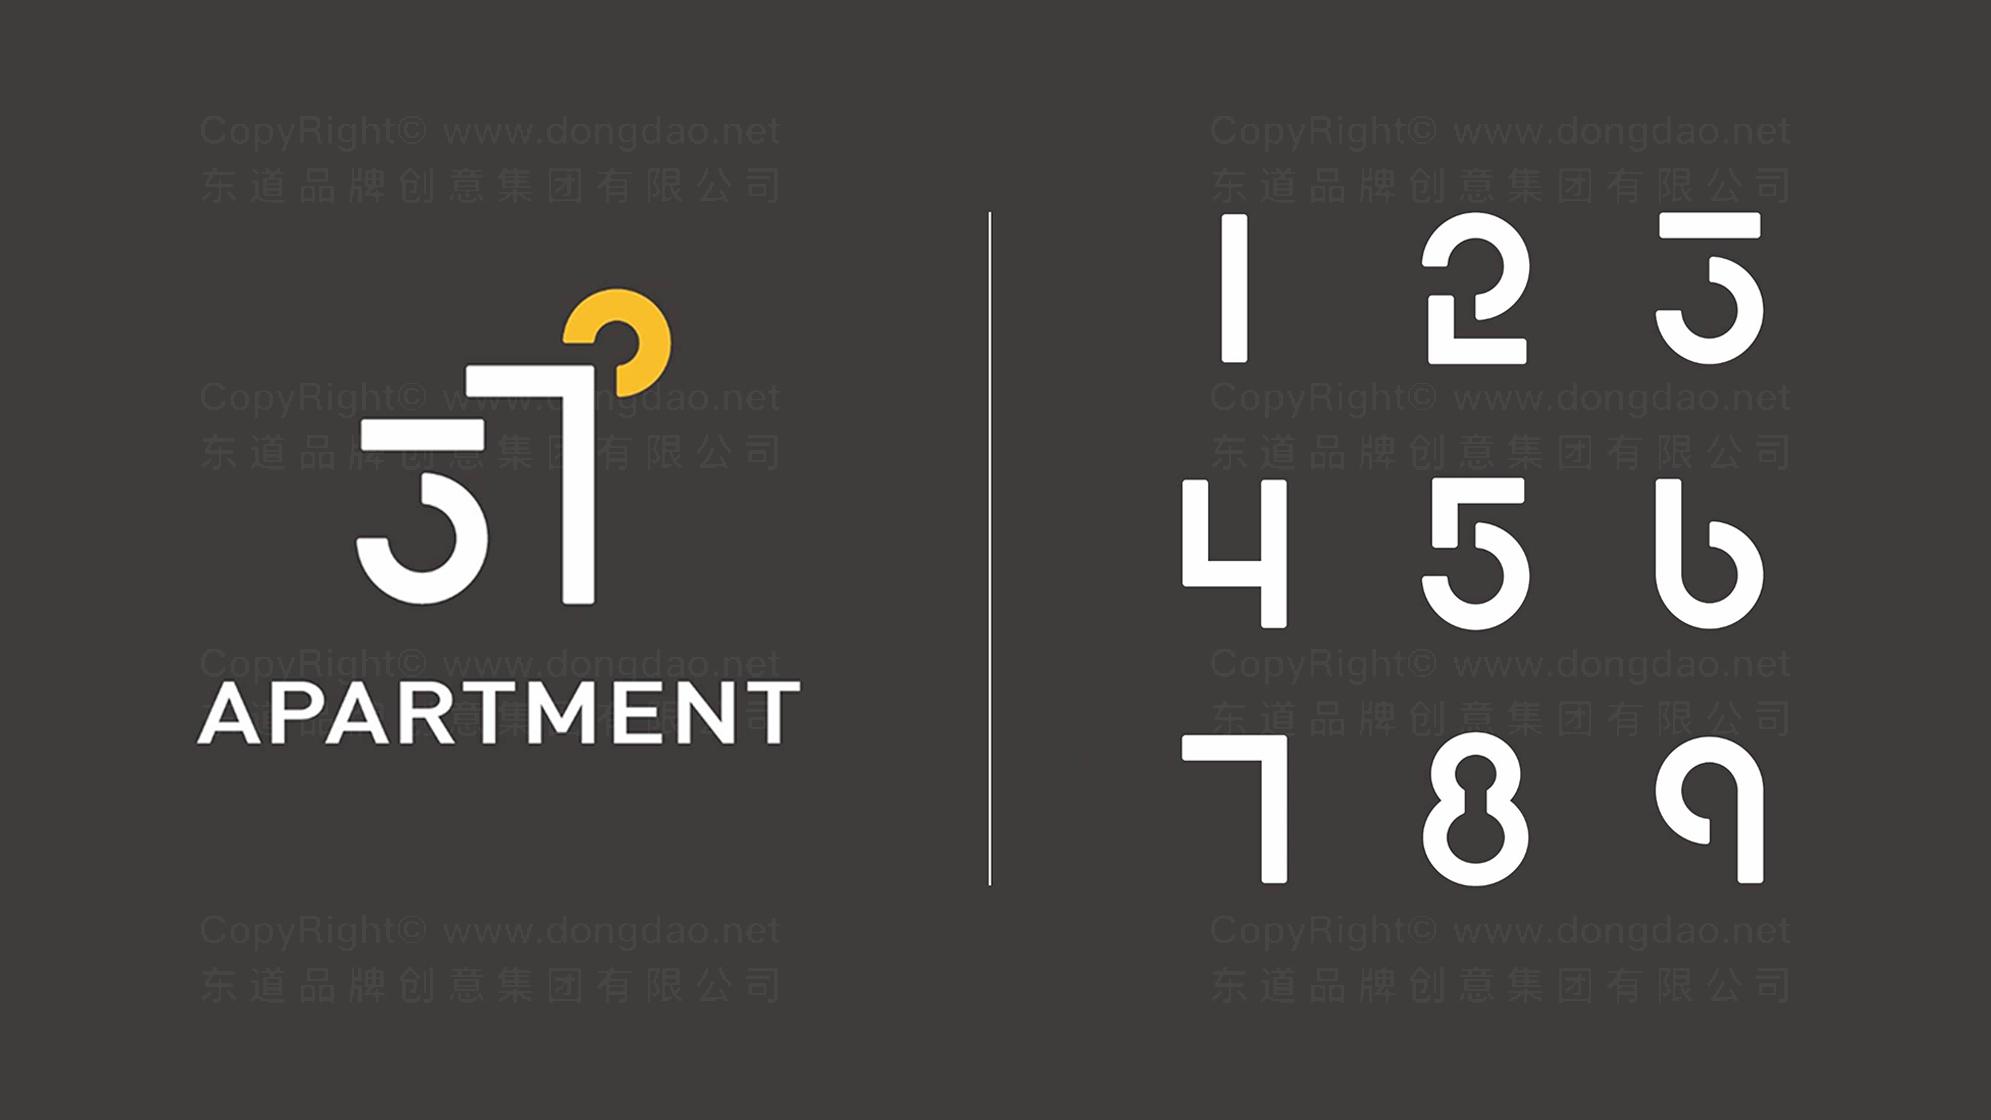 品牌设计37度公寓LOGO&VI设计应用场景_3